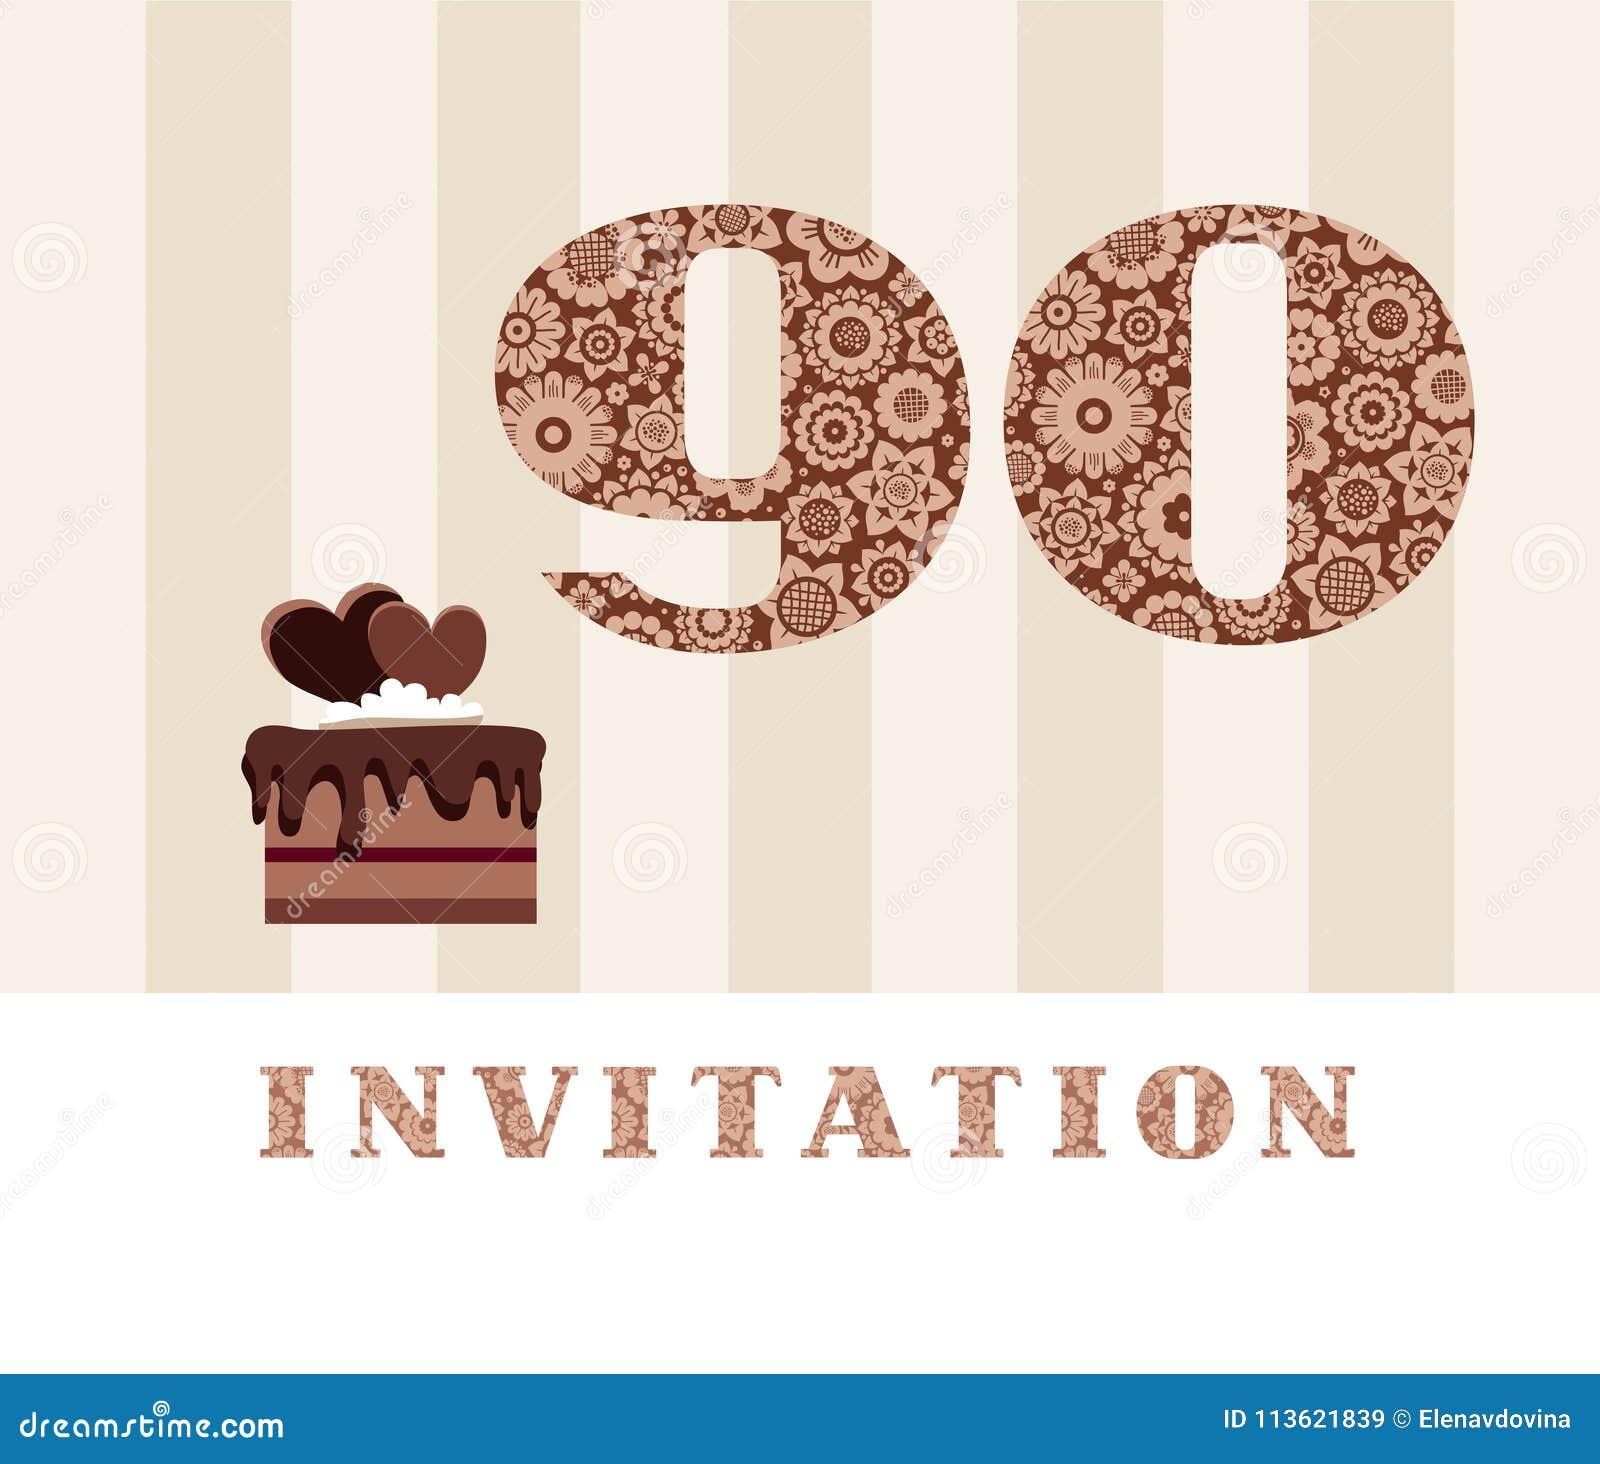 Iets Nieuws Uitnodiging, Kleur, 90 Jaar Oud, Hart-vormige Chocoladecake #IT51